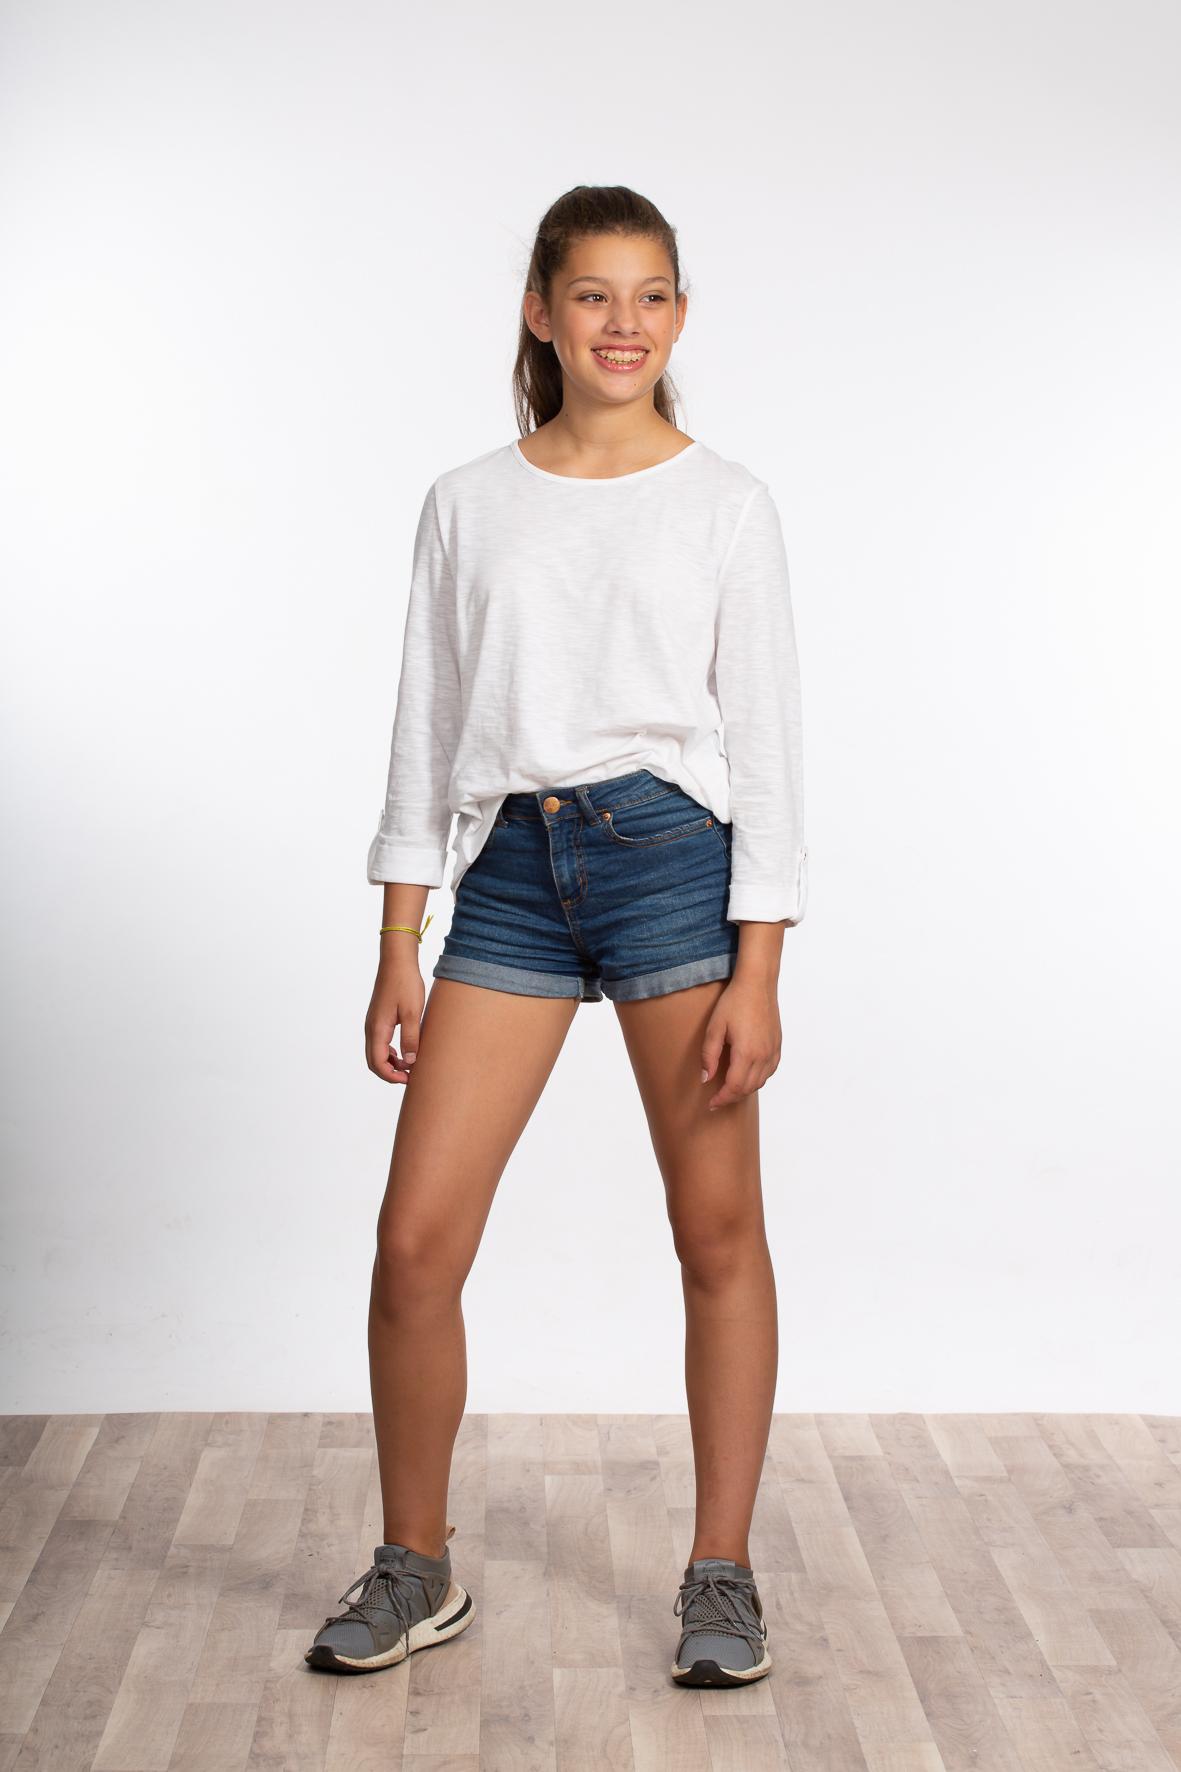 Schauspiel und Model Leandra C